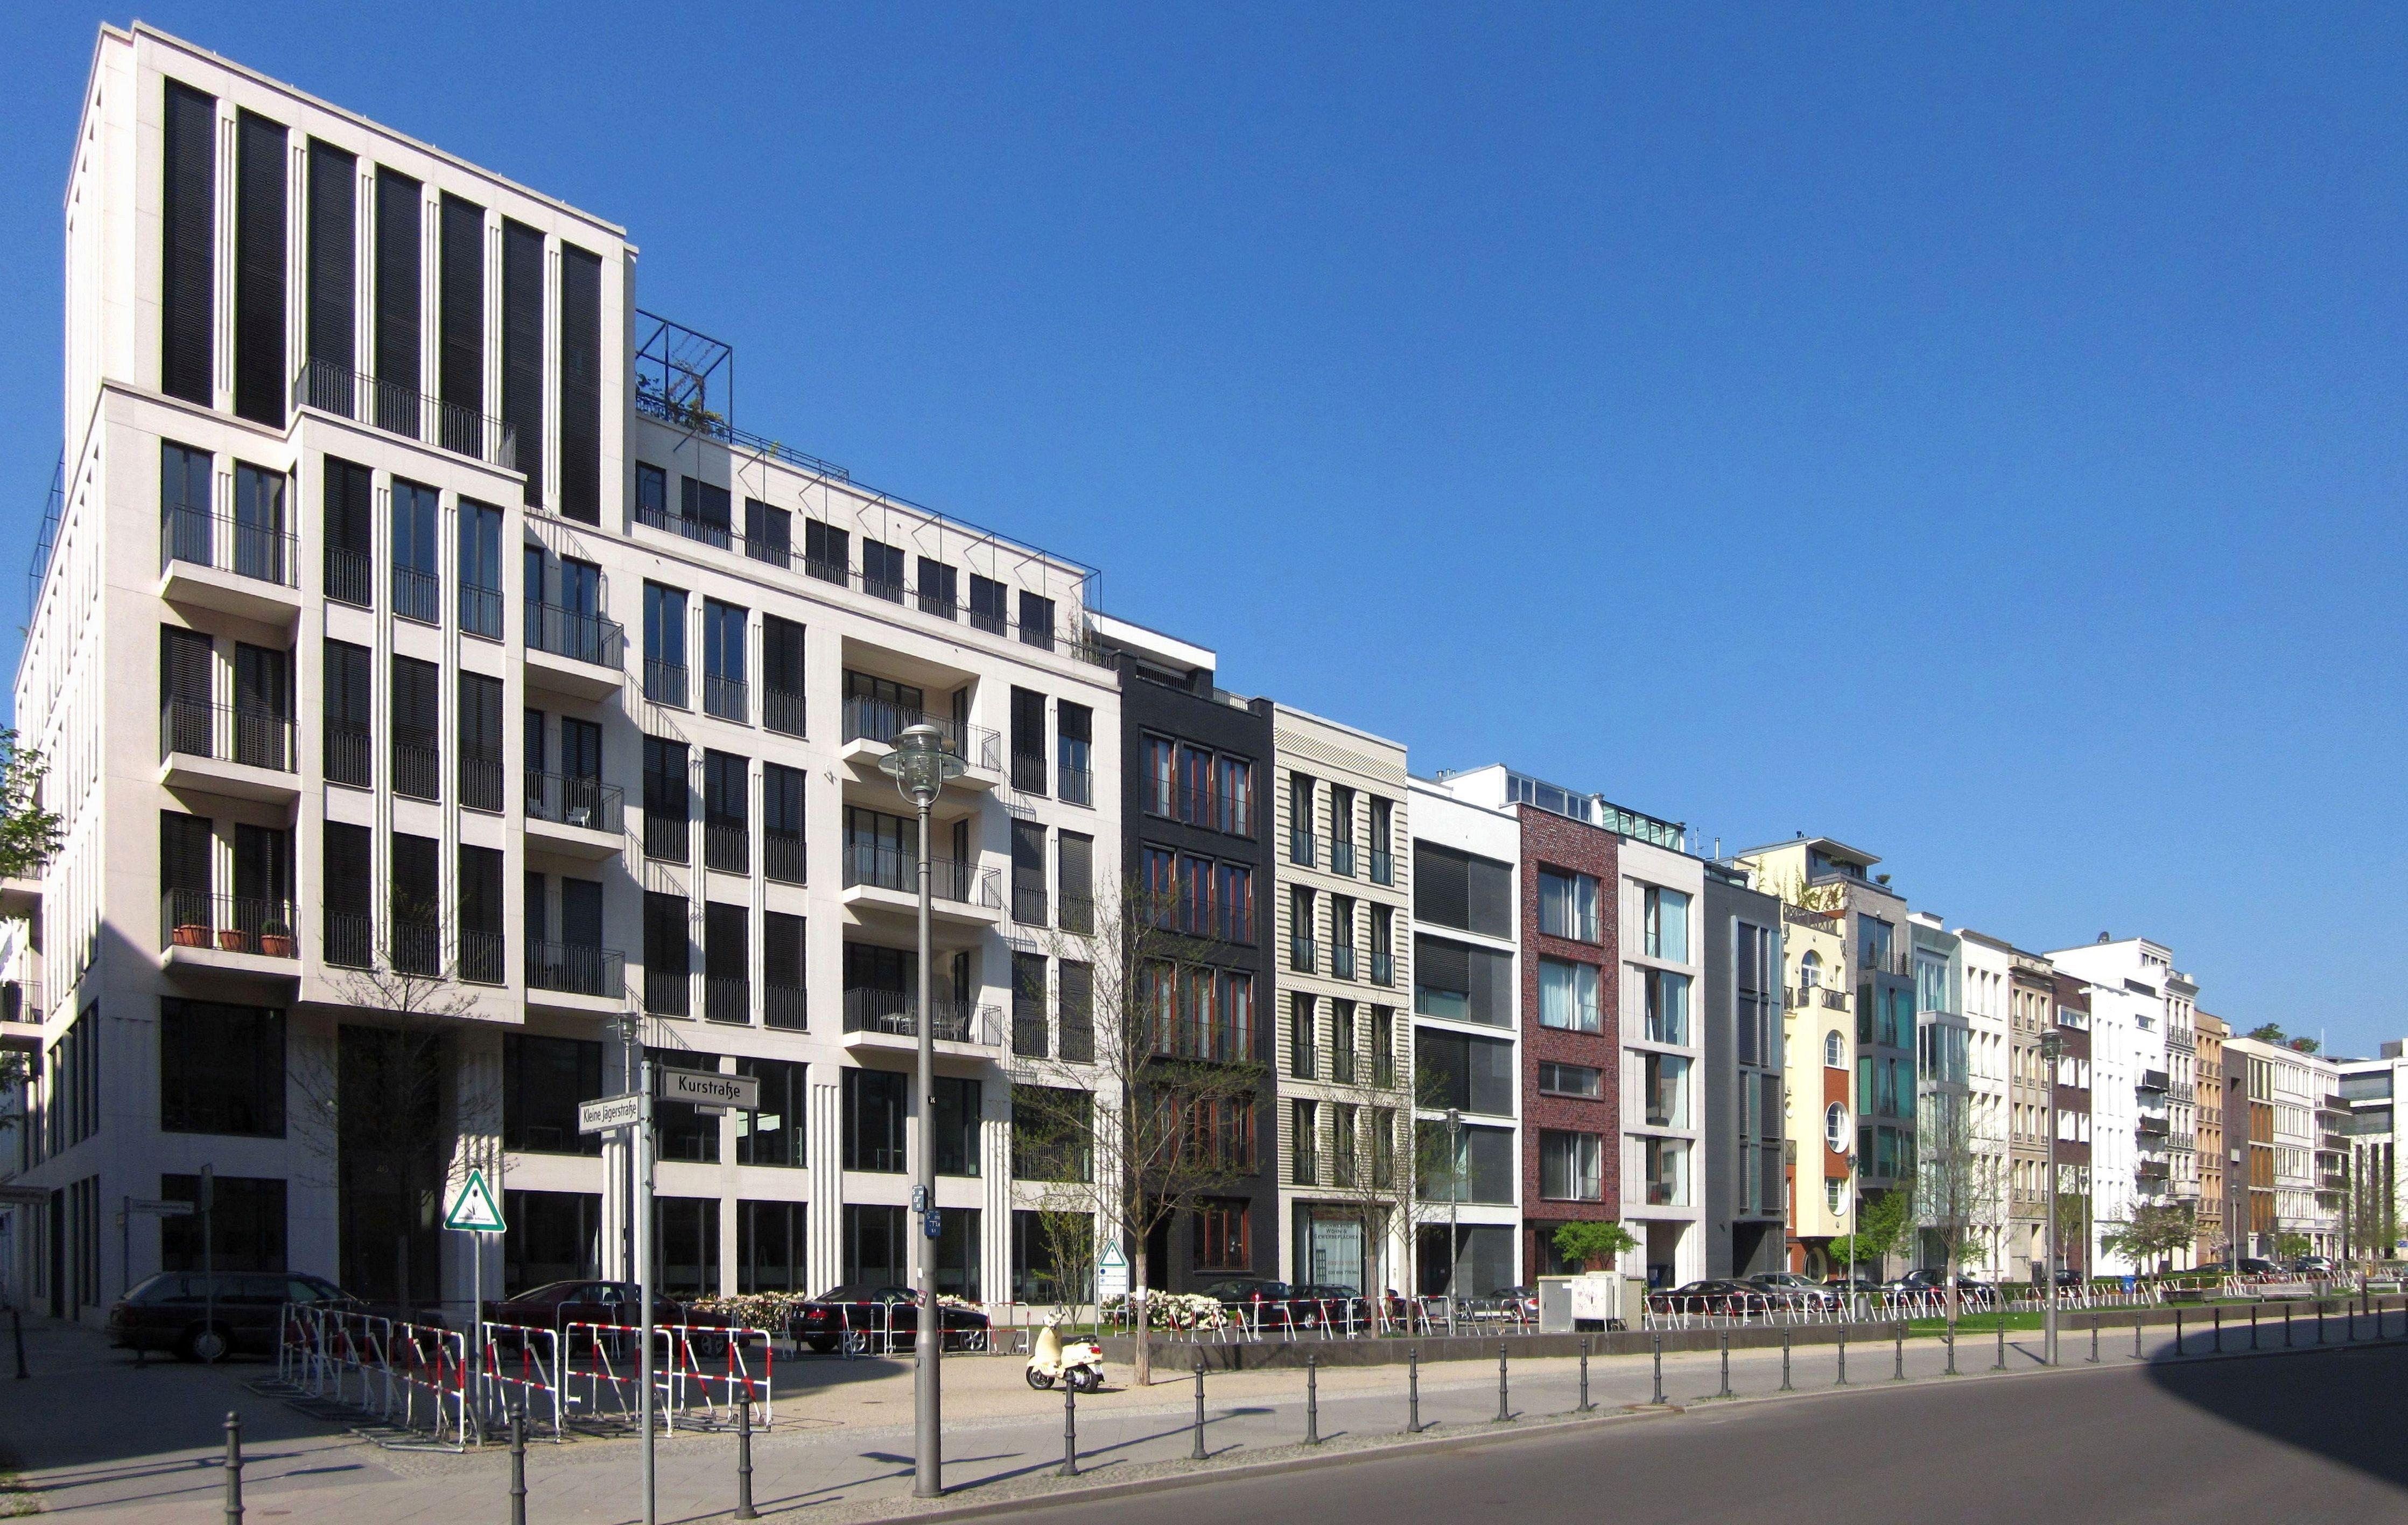 berlin-1 Улаанбаатарын уугуул иргэдэд хотоо хөгжүүлэх сэтгэл байдаг уу?